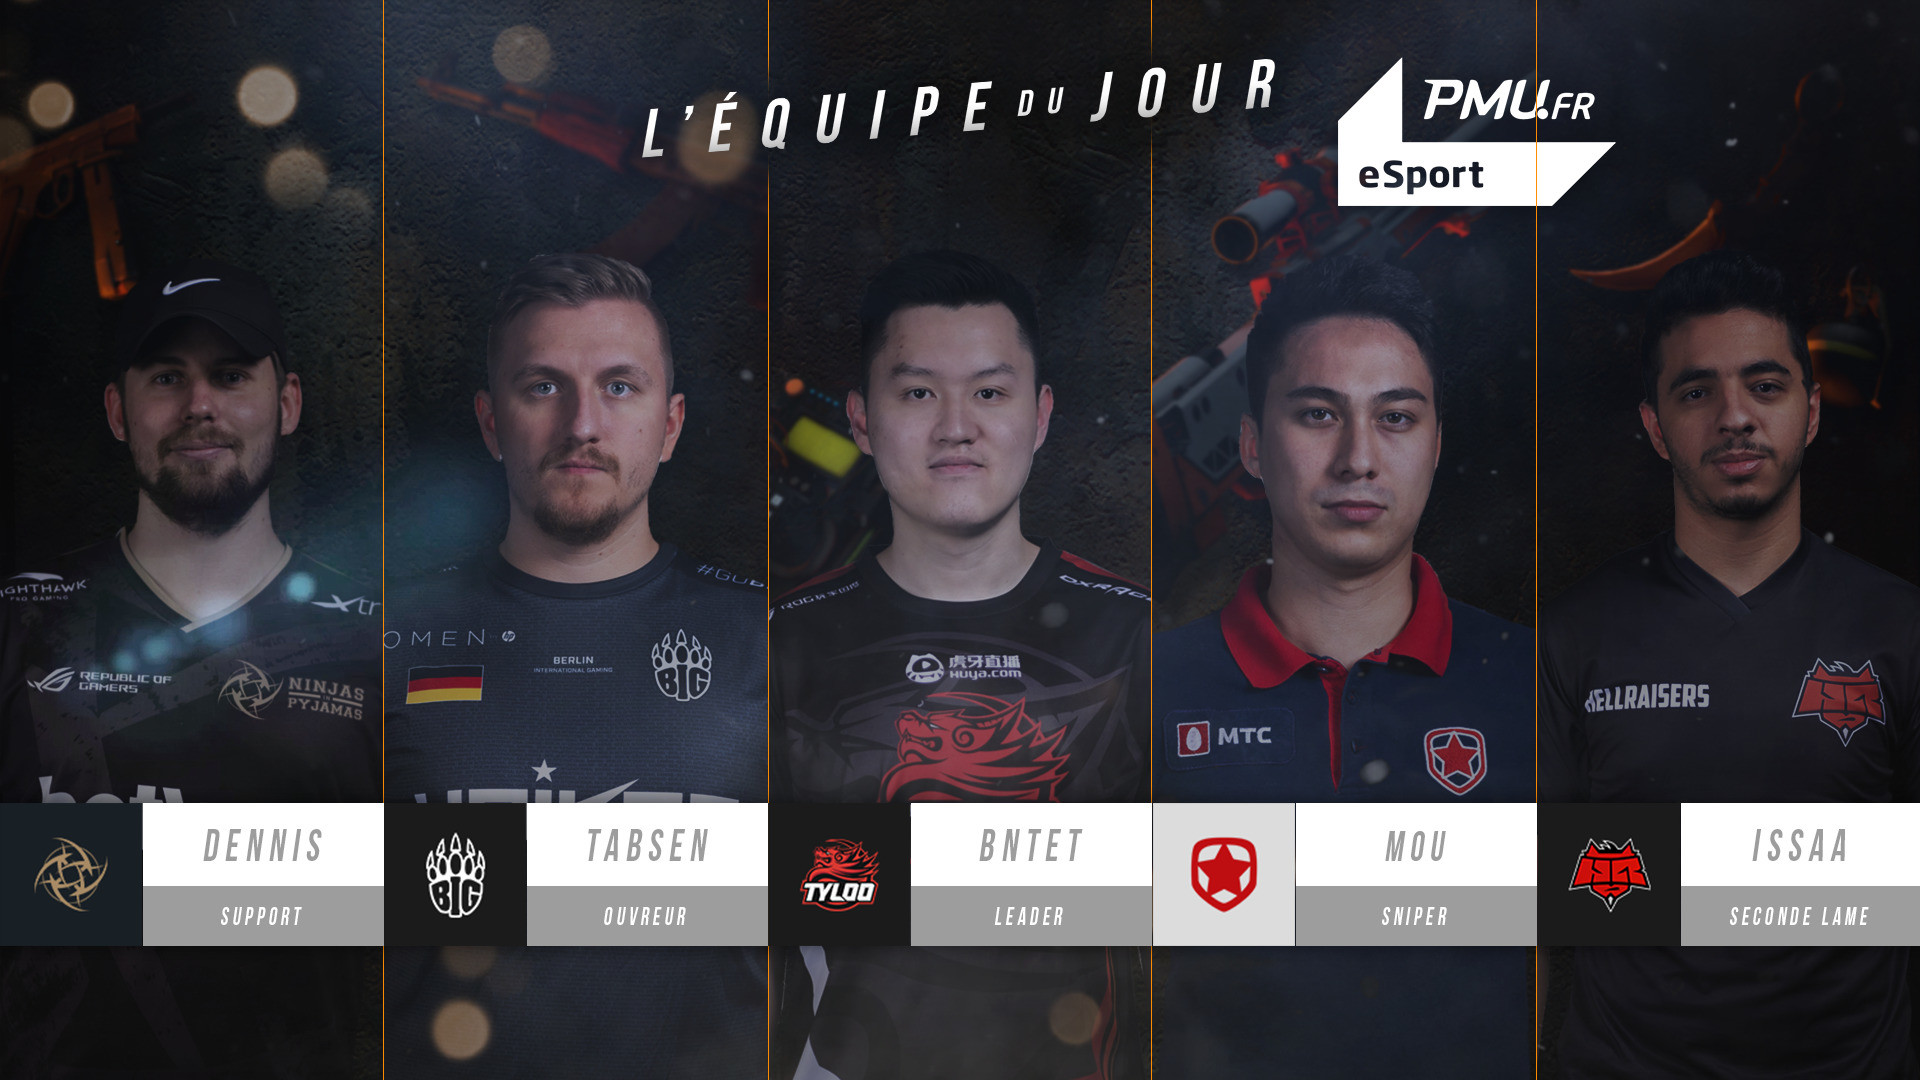 FACEIT MAJOR : L'équipe du jour #1